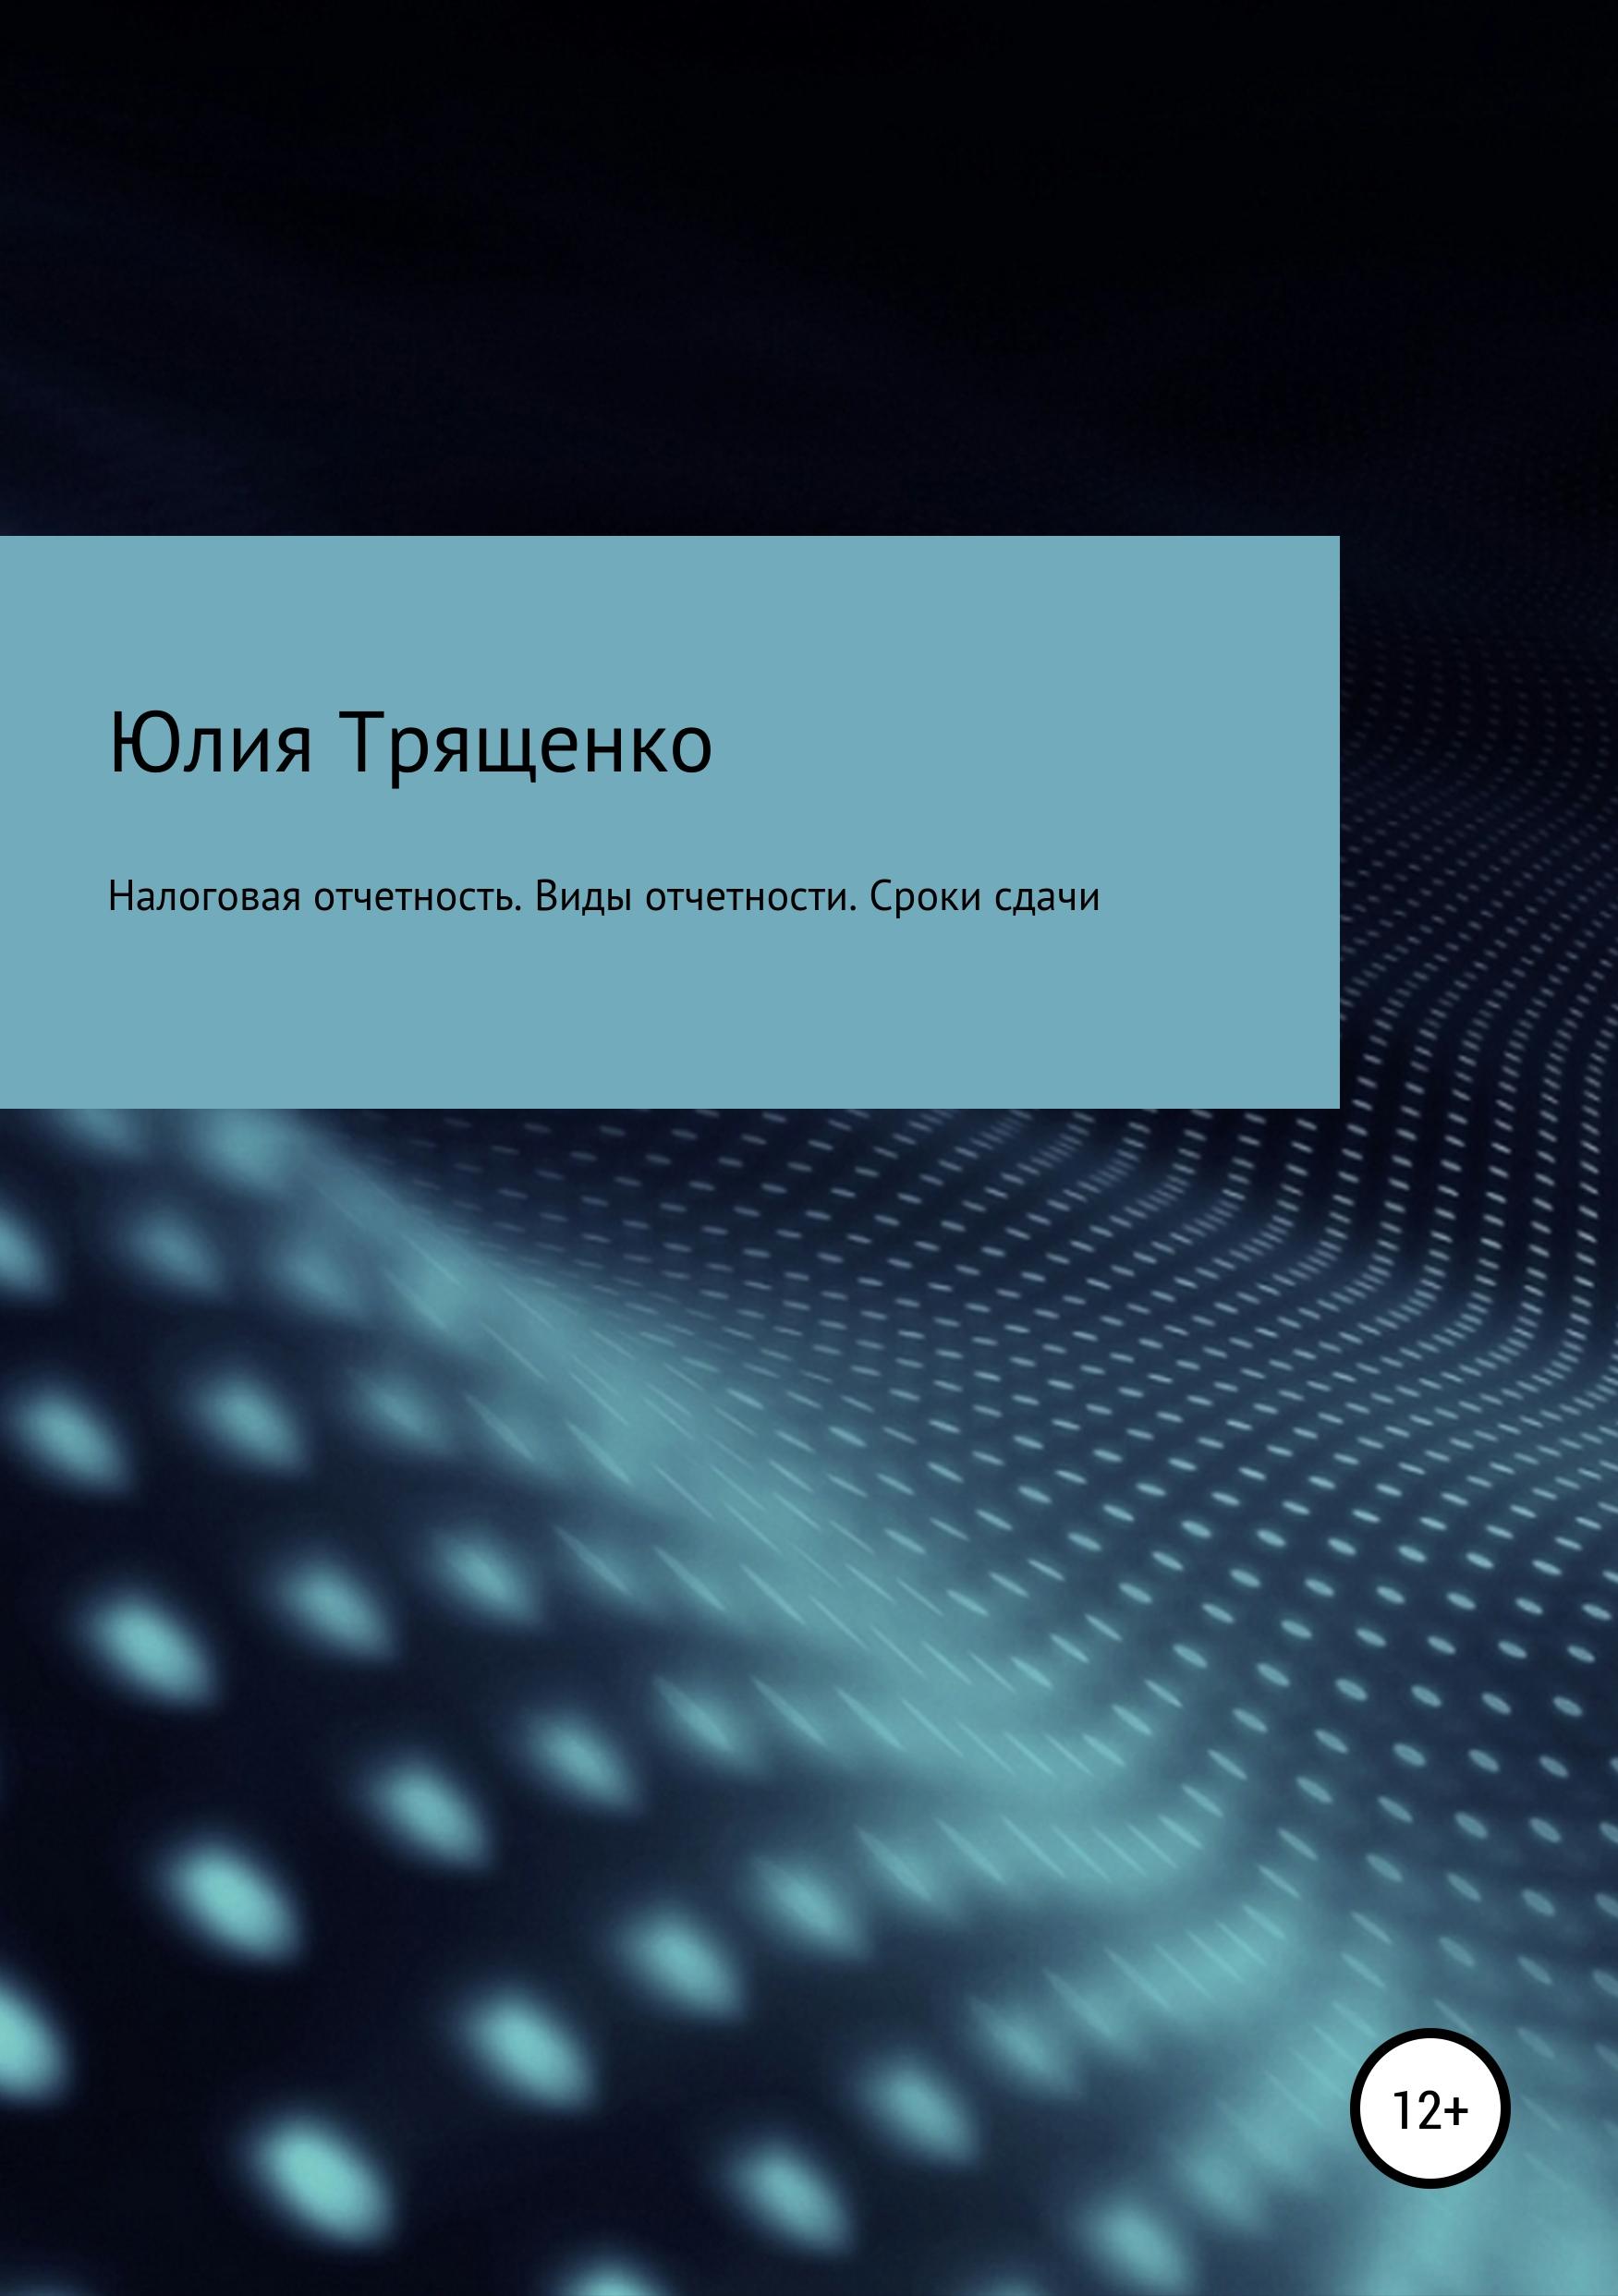 Юлия Трященко Налоговая отчетность. Виды отчетности. Сроки сдачи сроки сдачи 6 ндфл в 2017 году календарь бухгалтера таблица